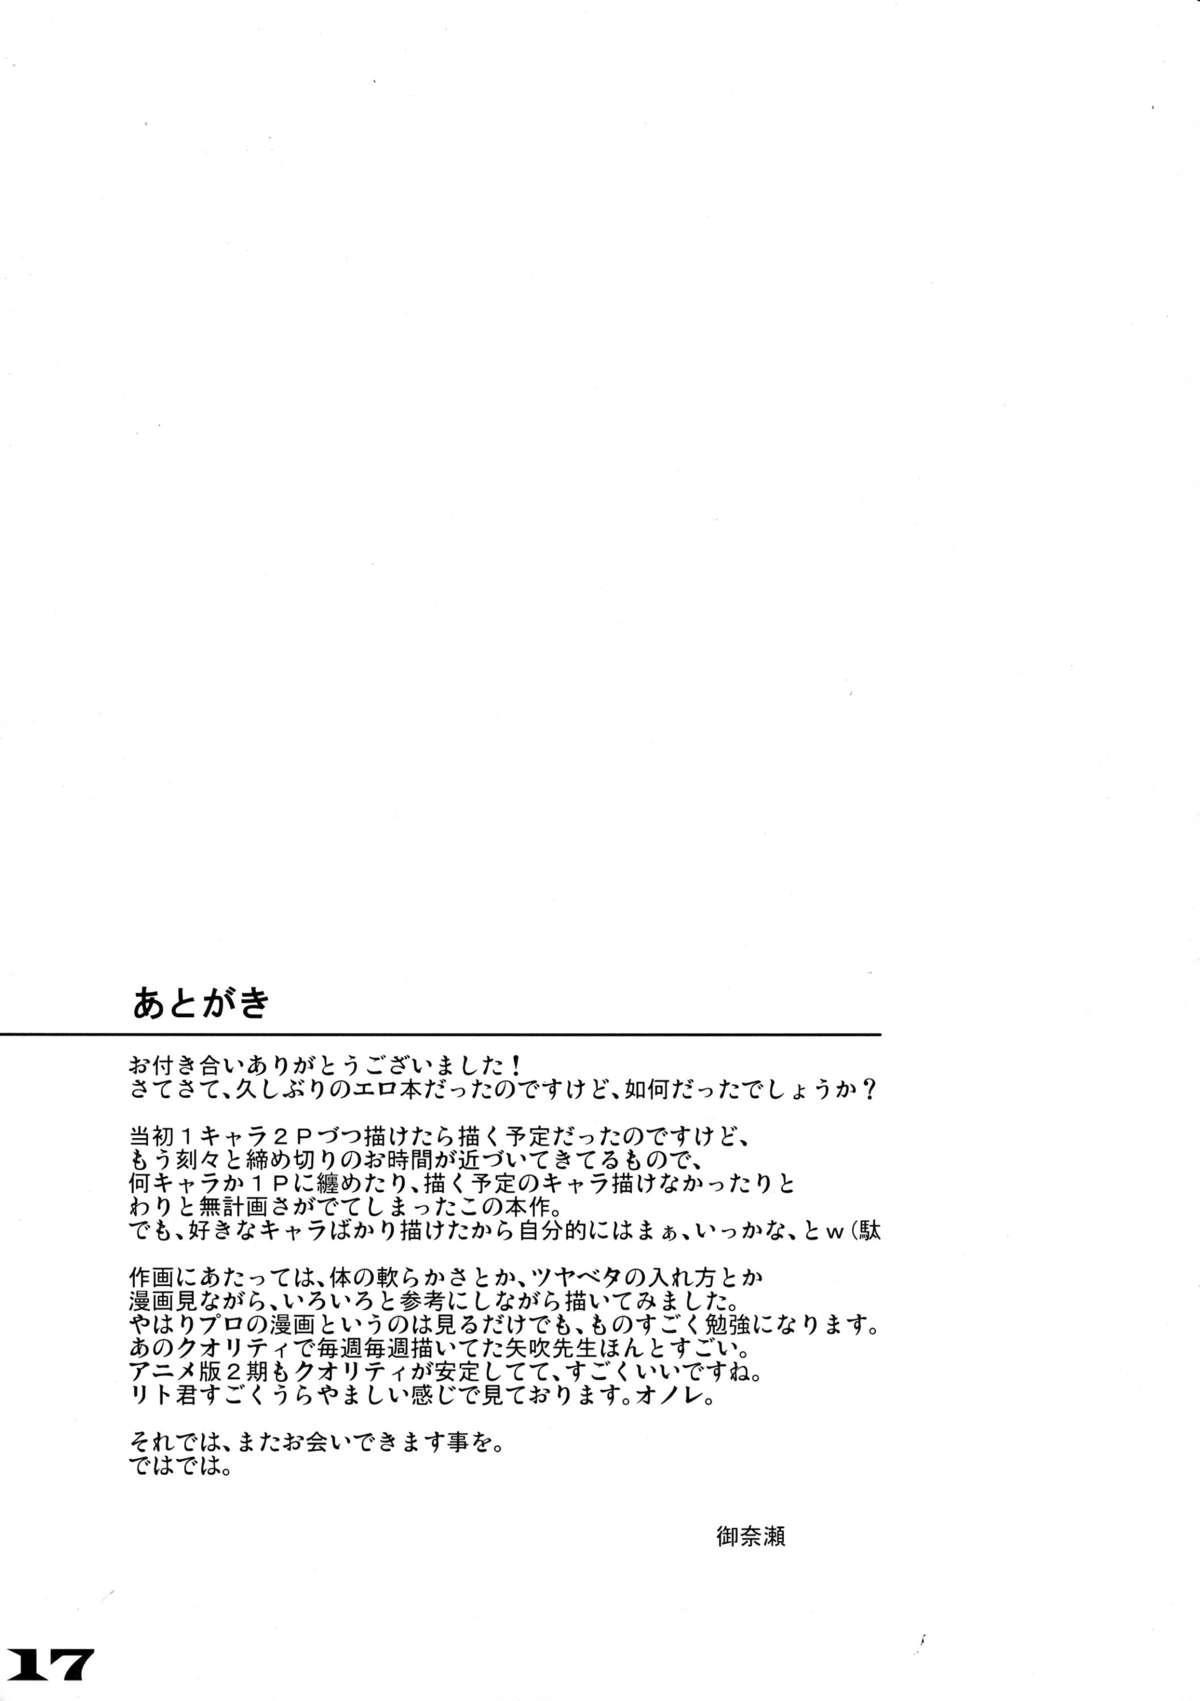 Ecchii no wa ○○ desu! 16